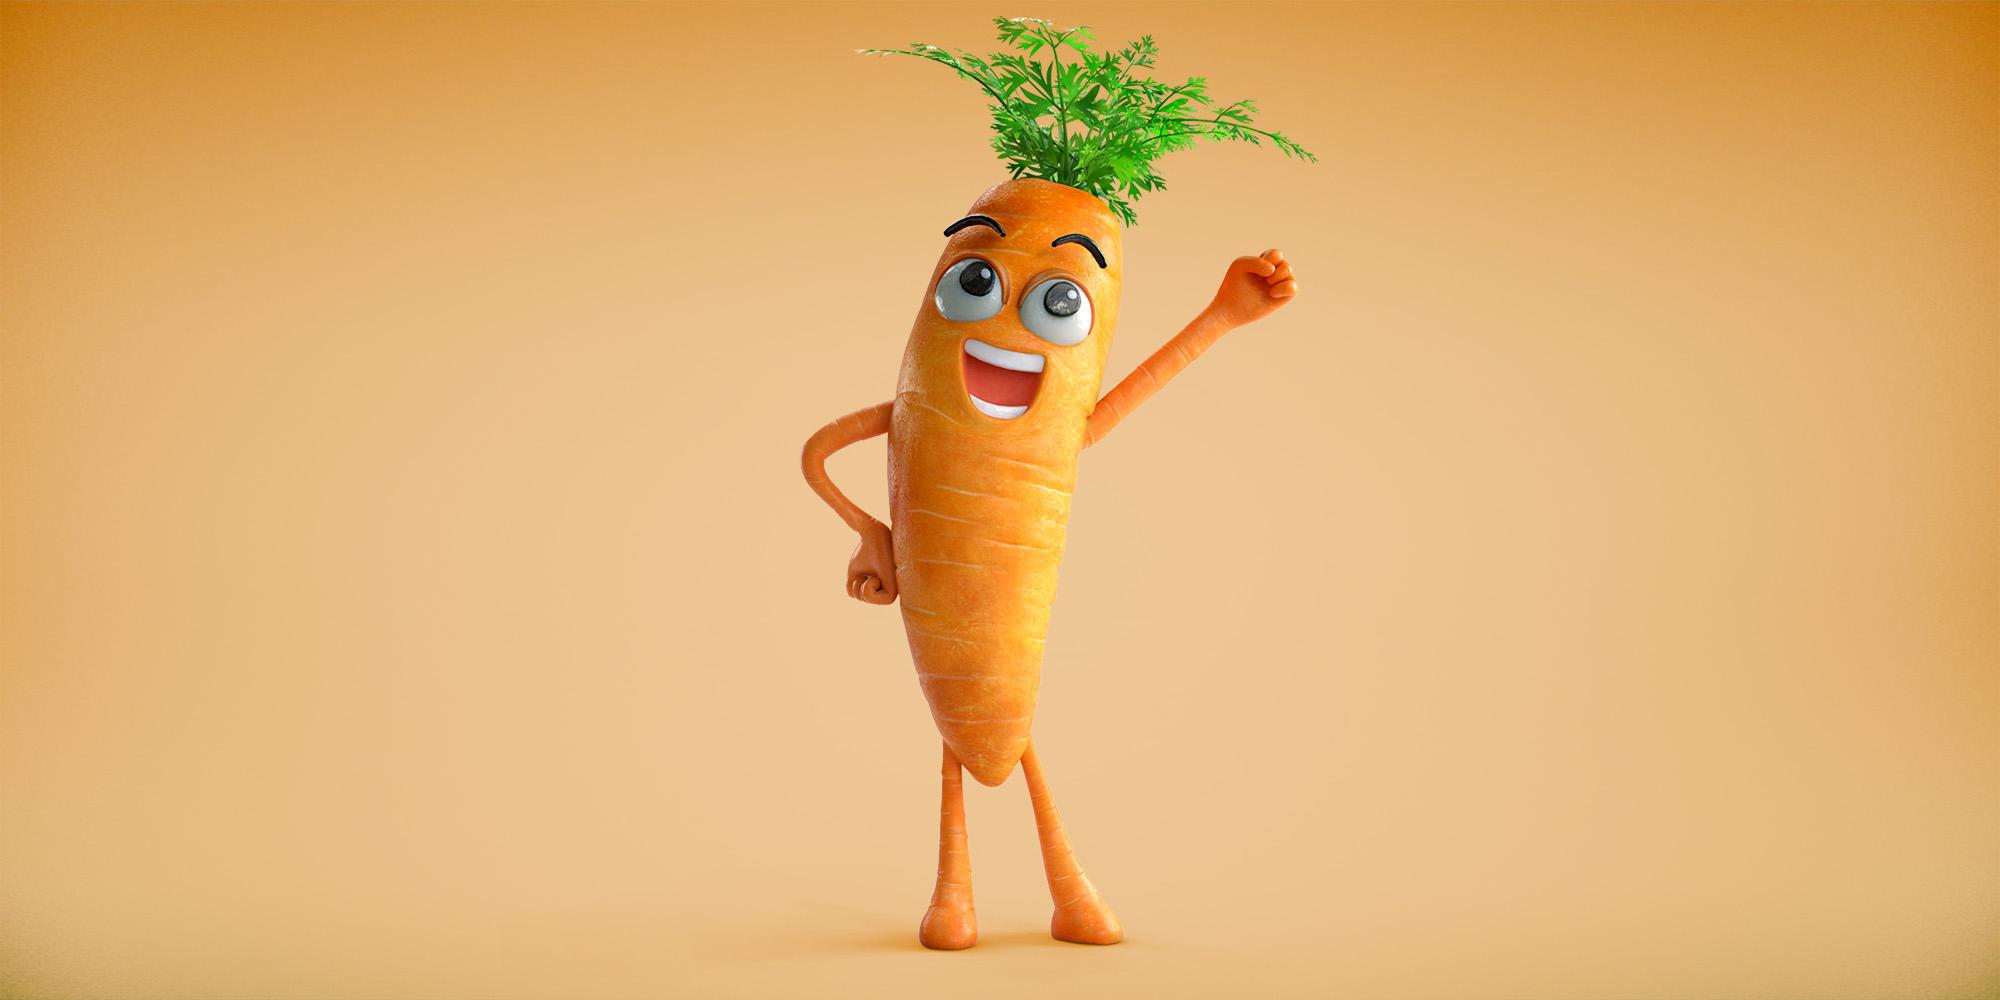 Carrot_on_Background_v04_2x1.jpg